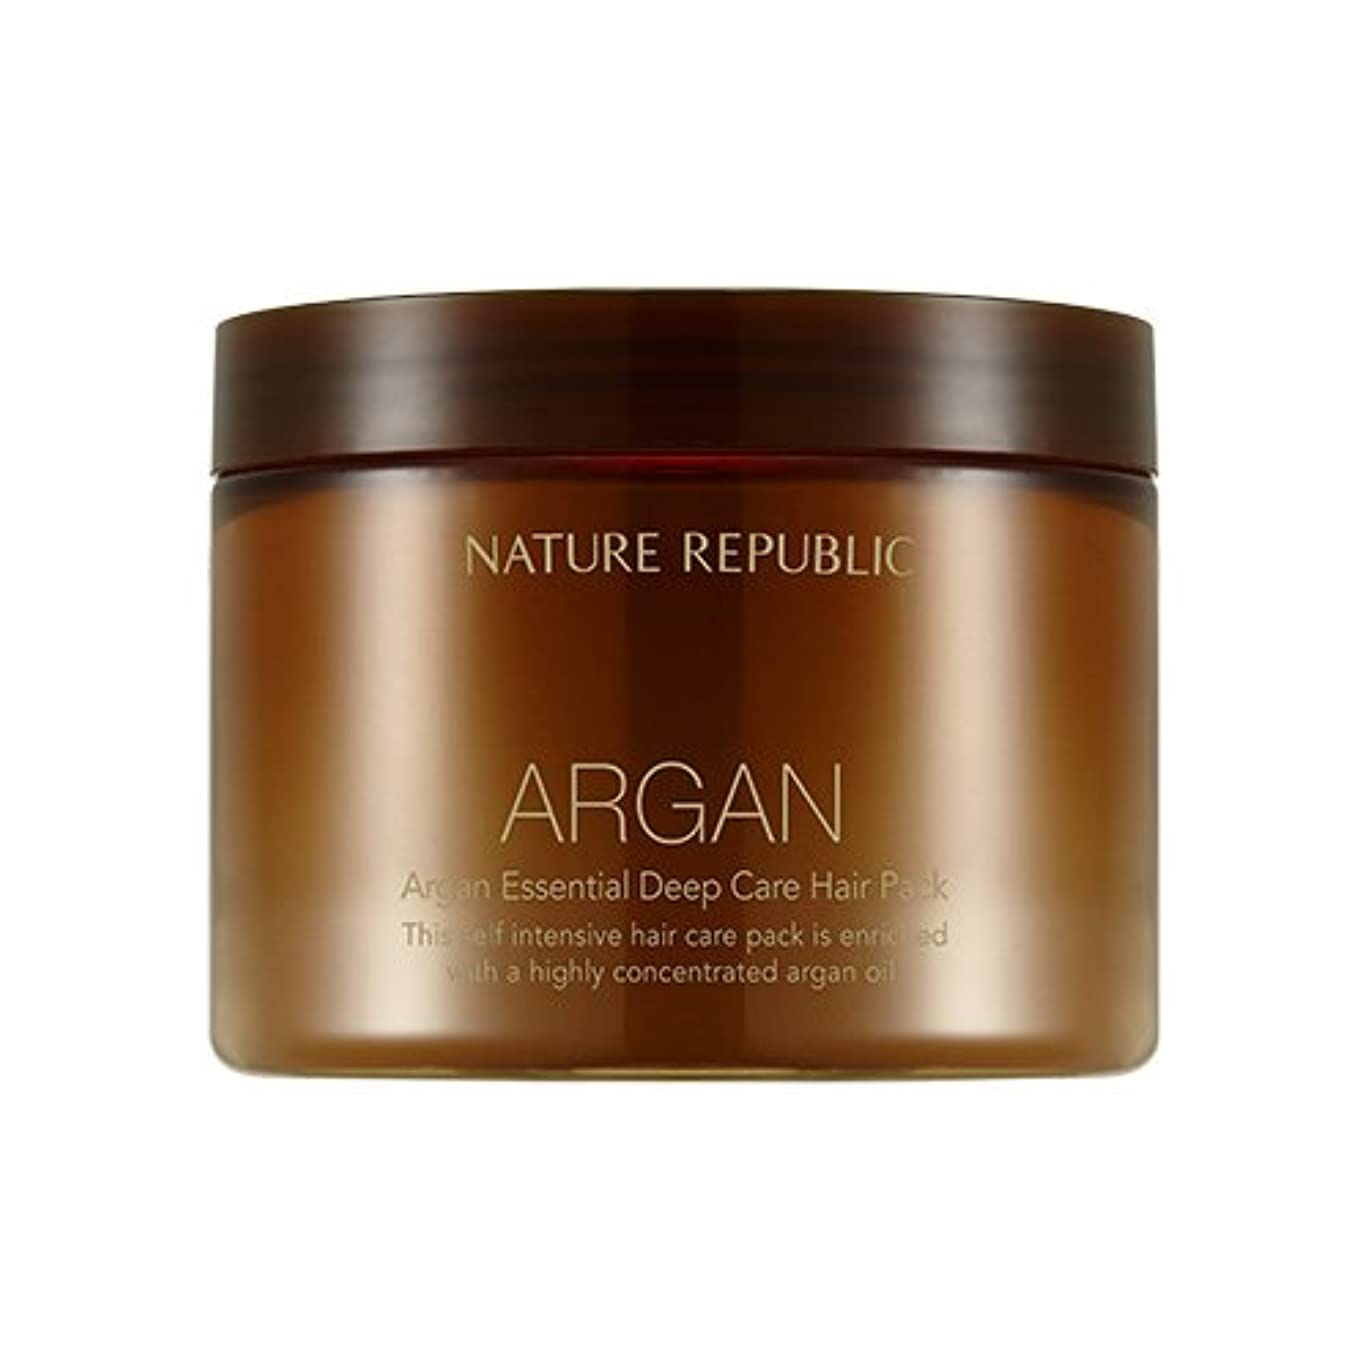 大事にする悲観的熟達したNATURE REPUBLIC Argan Essential Deep Care Hair Pack 470ml ネイチャーリパブリック アルガンエッセンシャルディープケアヘアパック 470ml [並行輸入品]